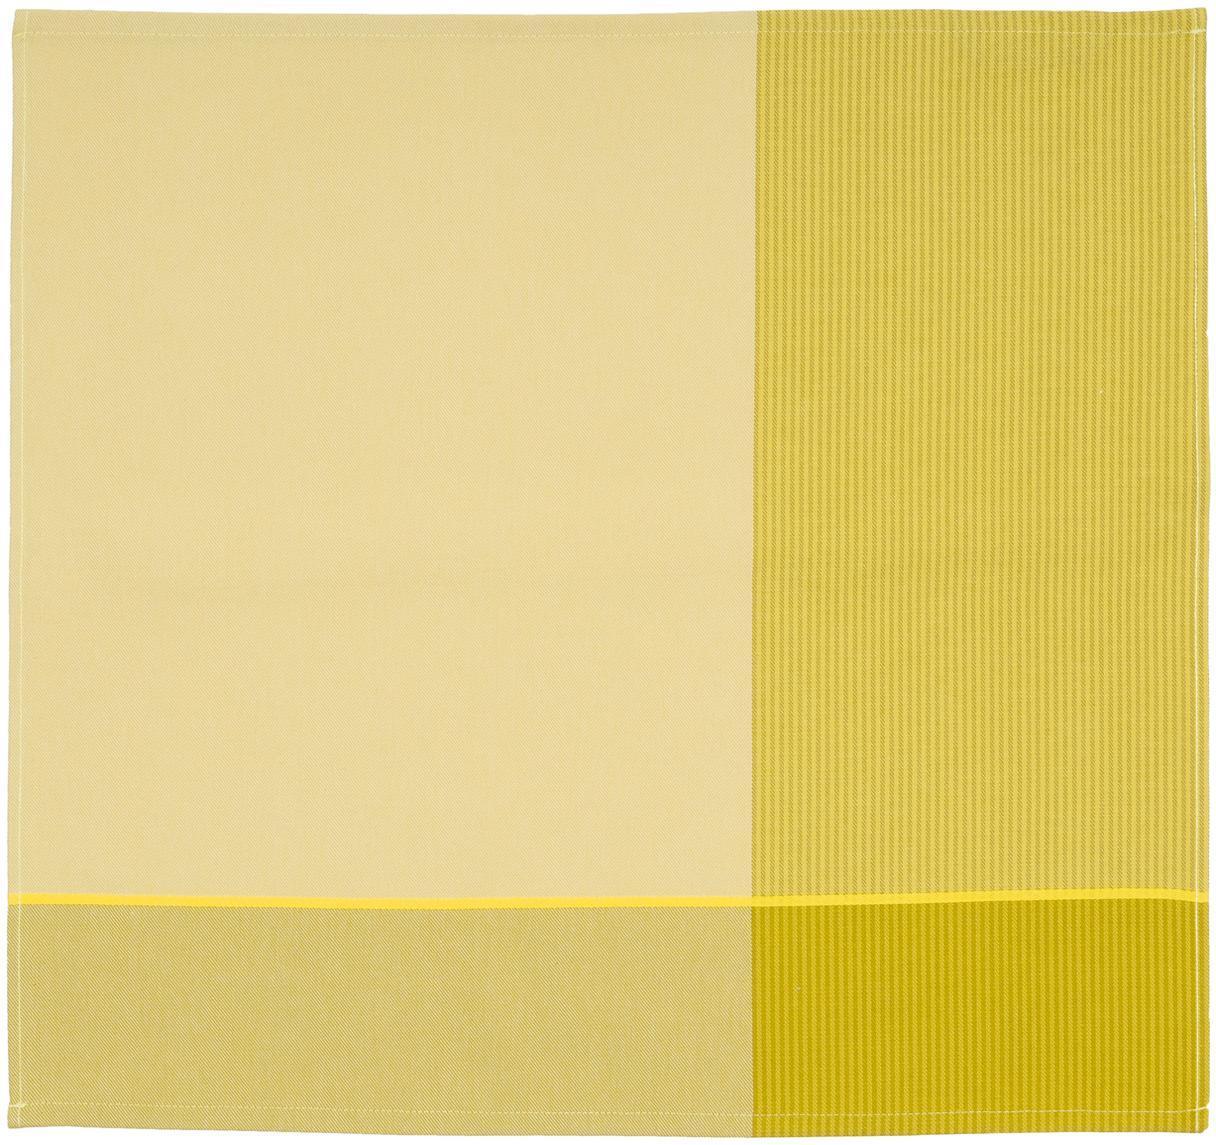 Canovaccio in giallo Blend, 6 pz., Cotone, Toni gialli, Larg. 60 x Lung. 65 cm